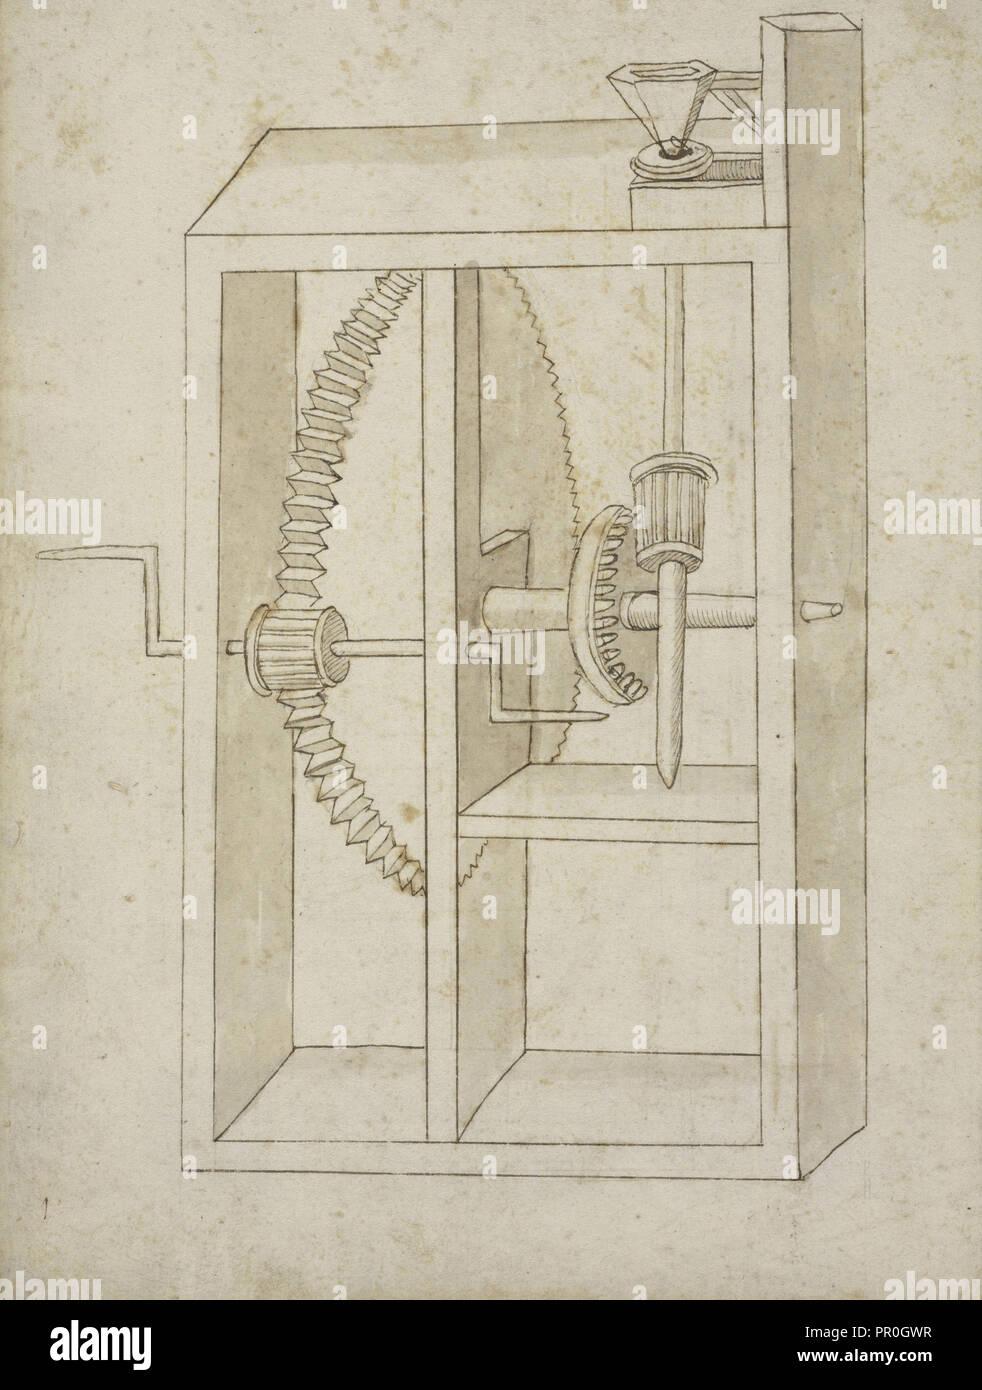 Mill Powered By Crank Edificij Et Machine Ms Martini Francesco Di Schematic Giorgio 1439 1502 Brown Ink And Wash On Paper